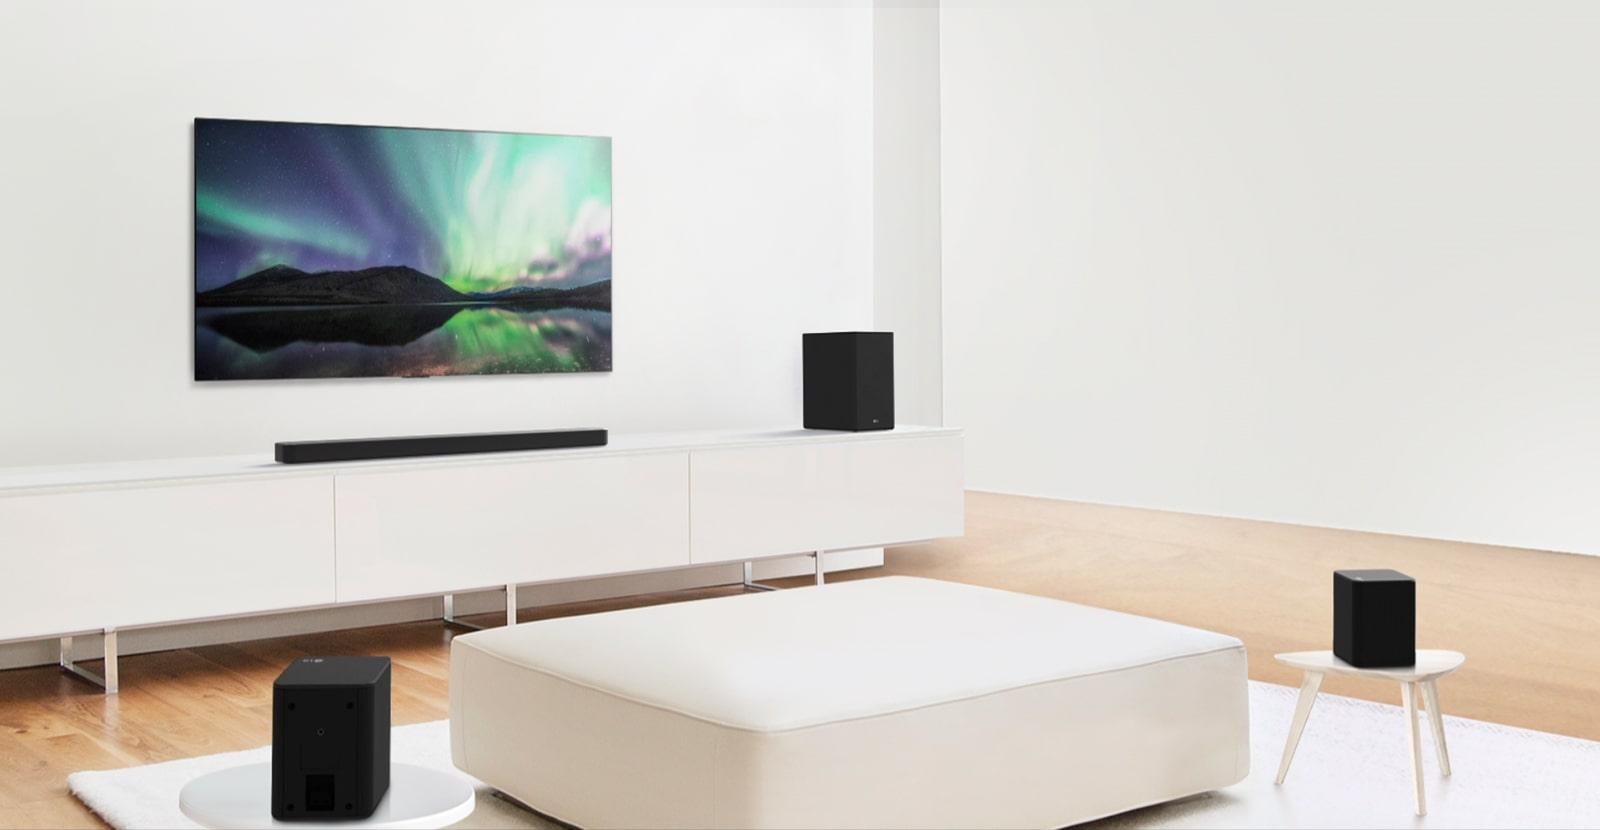 Video xem trước hiển thị Loa thanh LG trong một căn phòng khách màu trắng với thiết lập 5.1.2 kênh.